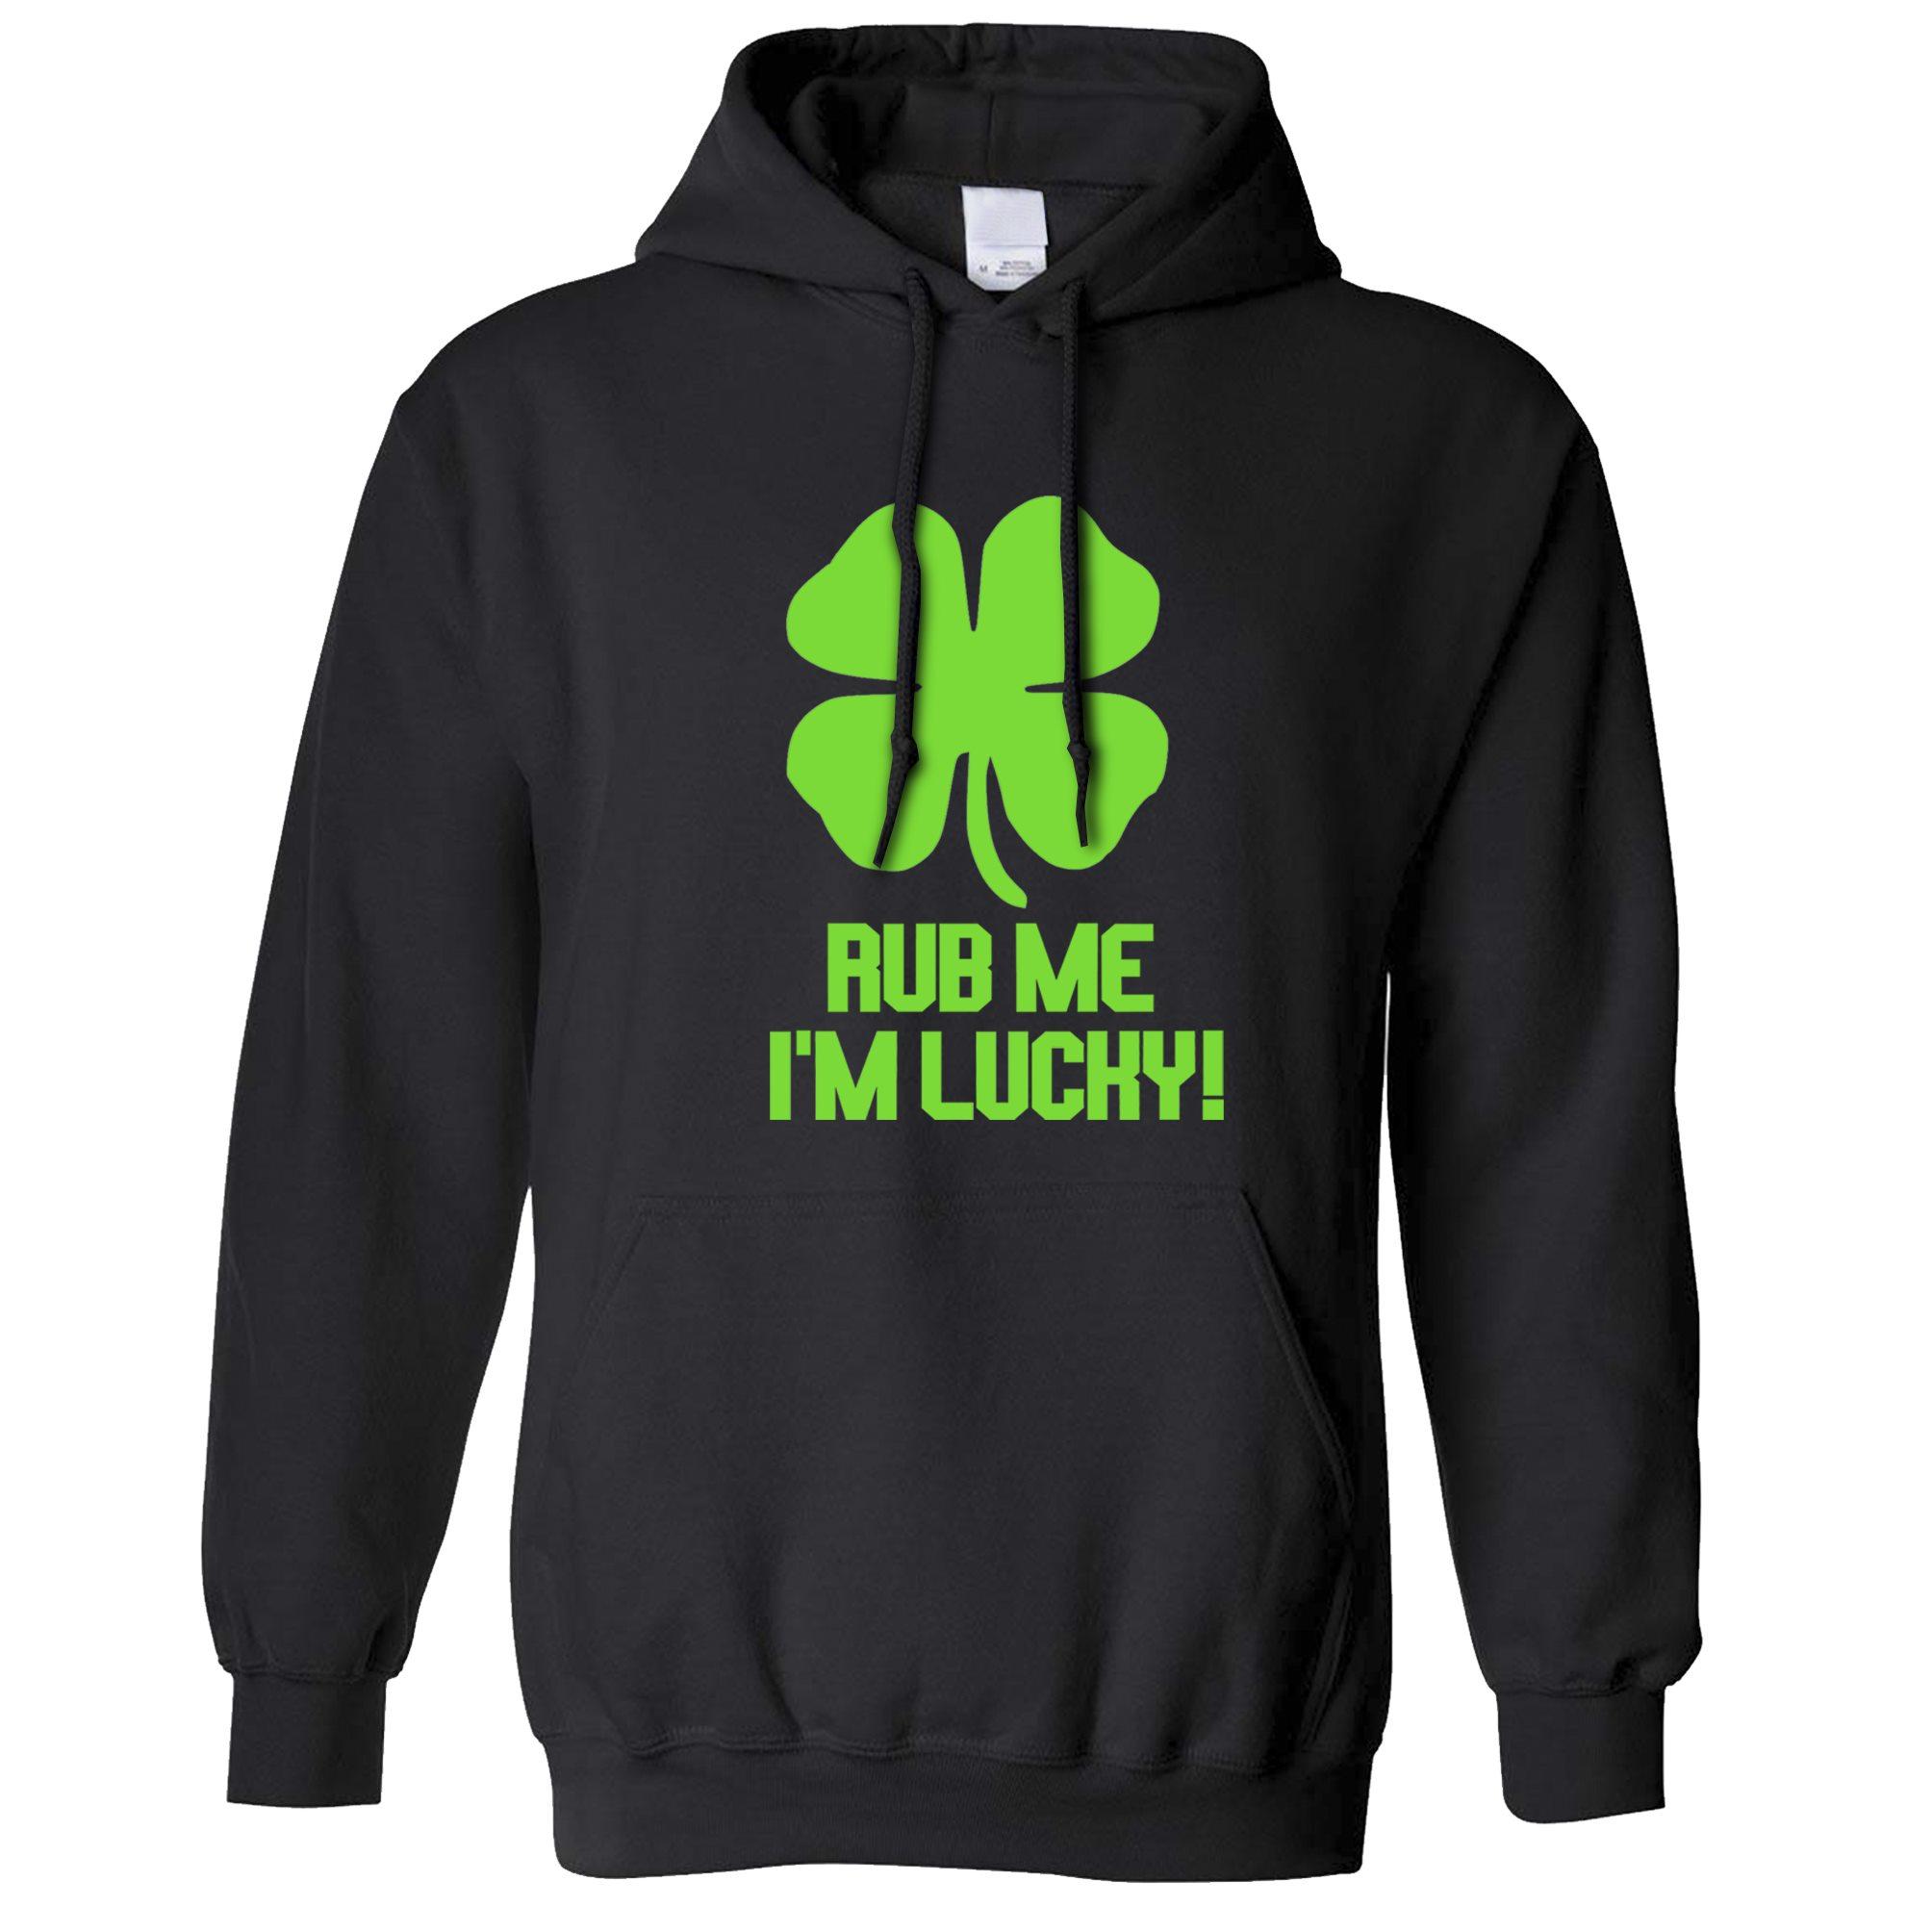 Green Clover Irish Lucky St Patricks Day Ireland Eire Hoodie Pullover Sweatshirt